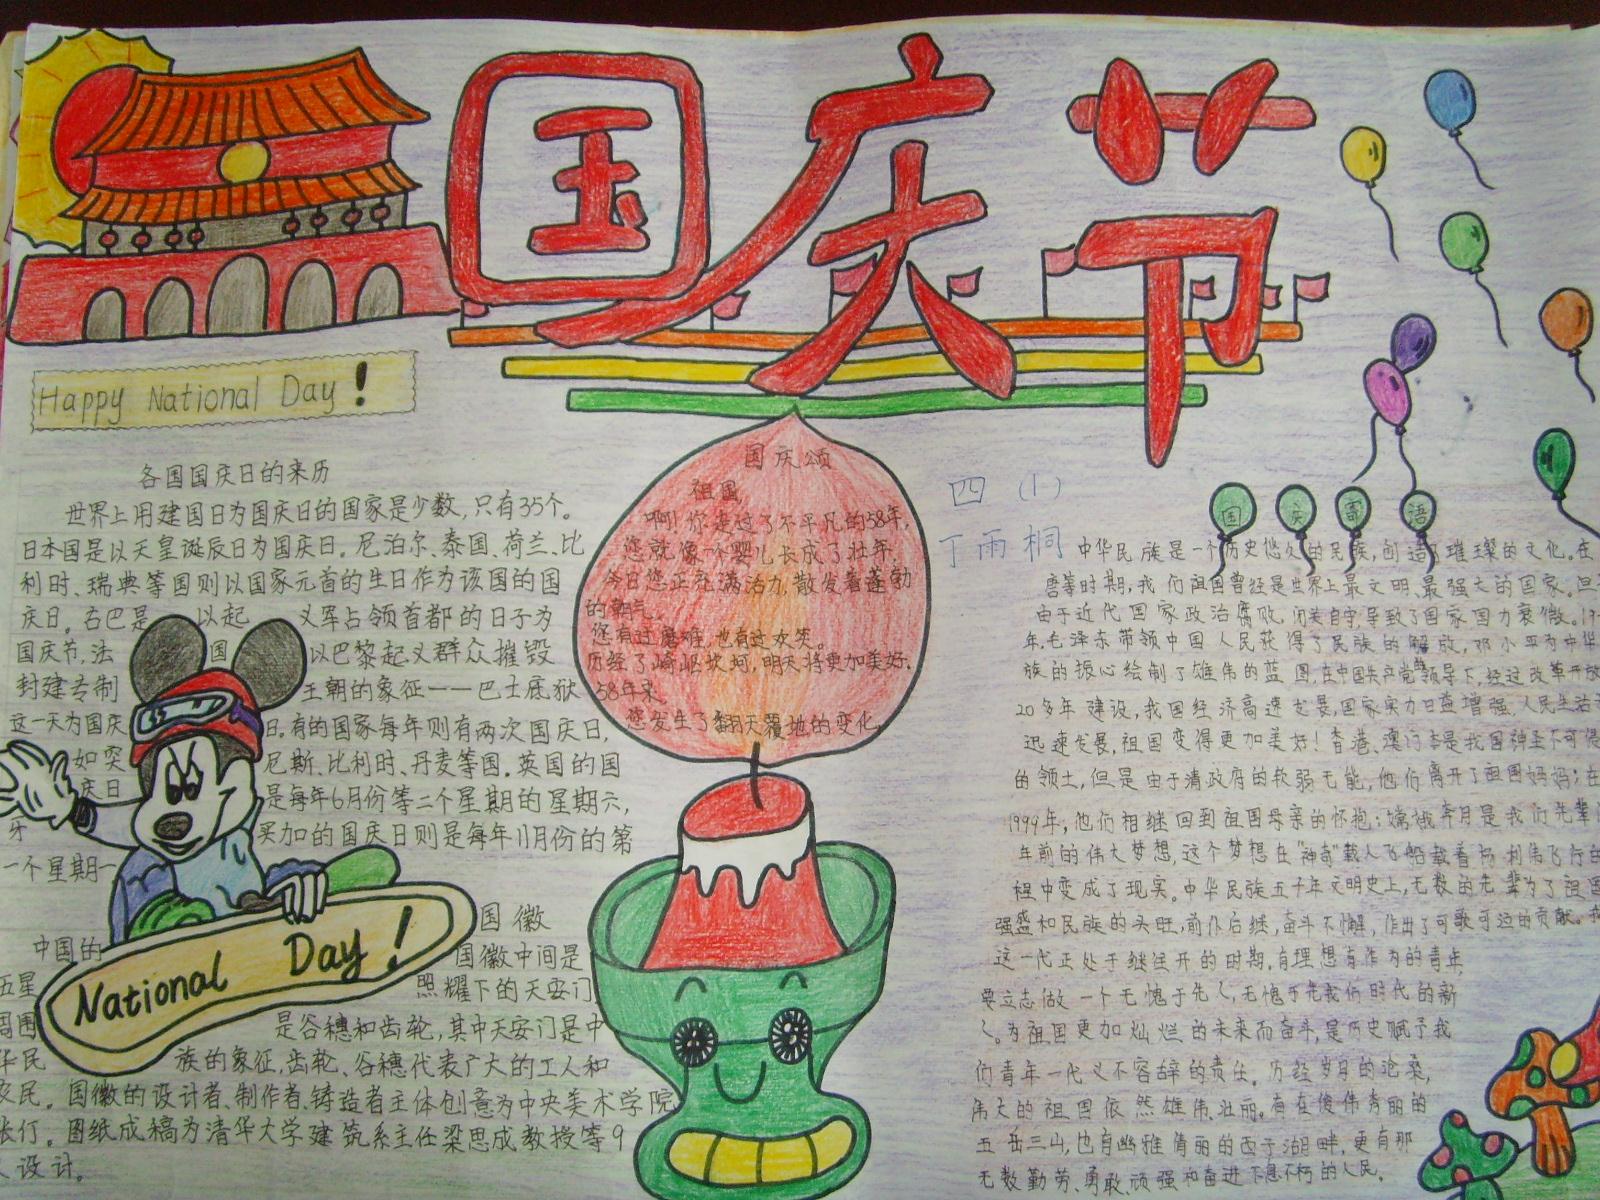 国庆节海报 国庆节艺术字